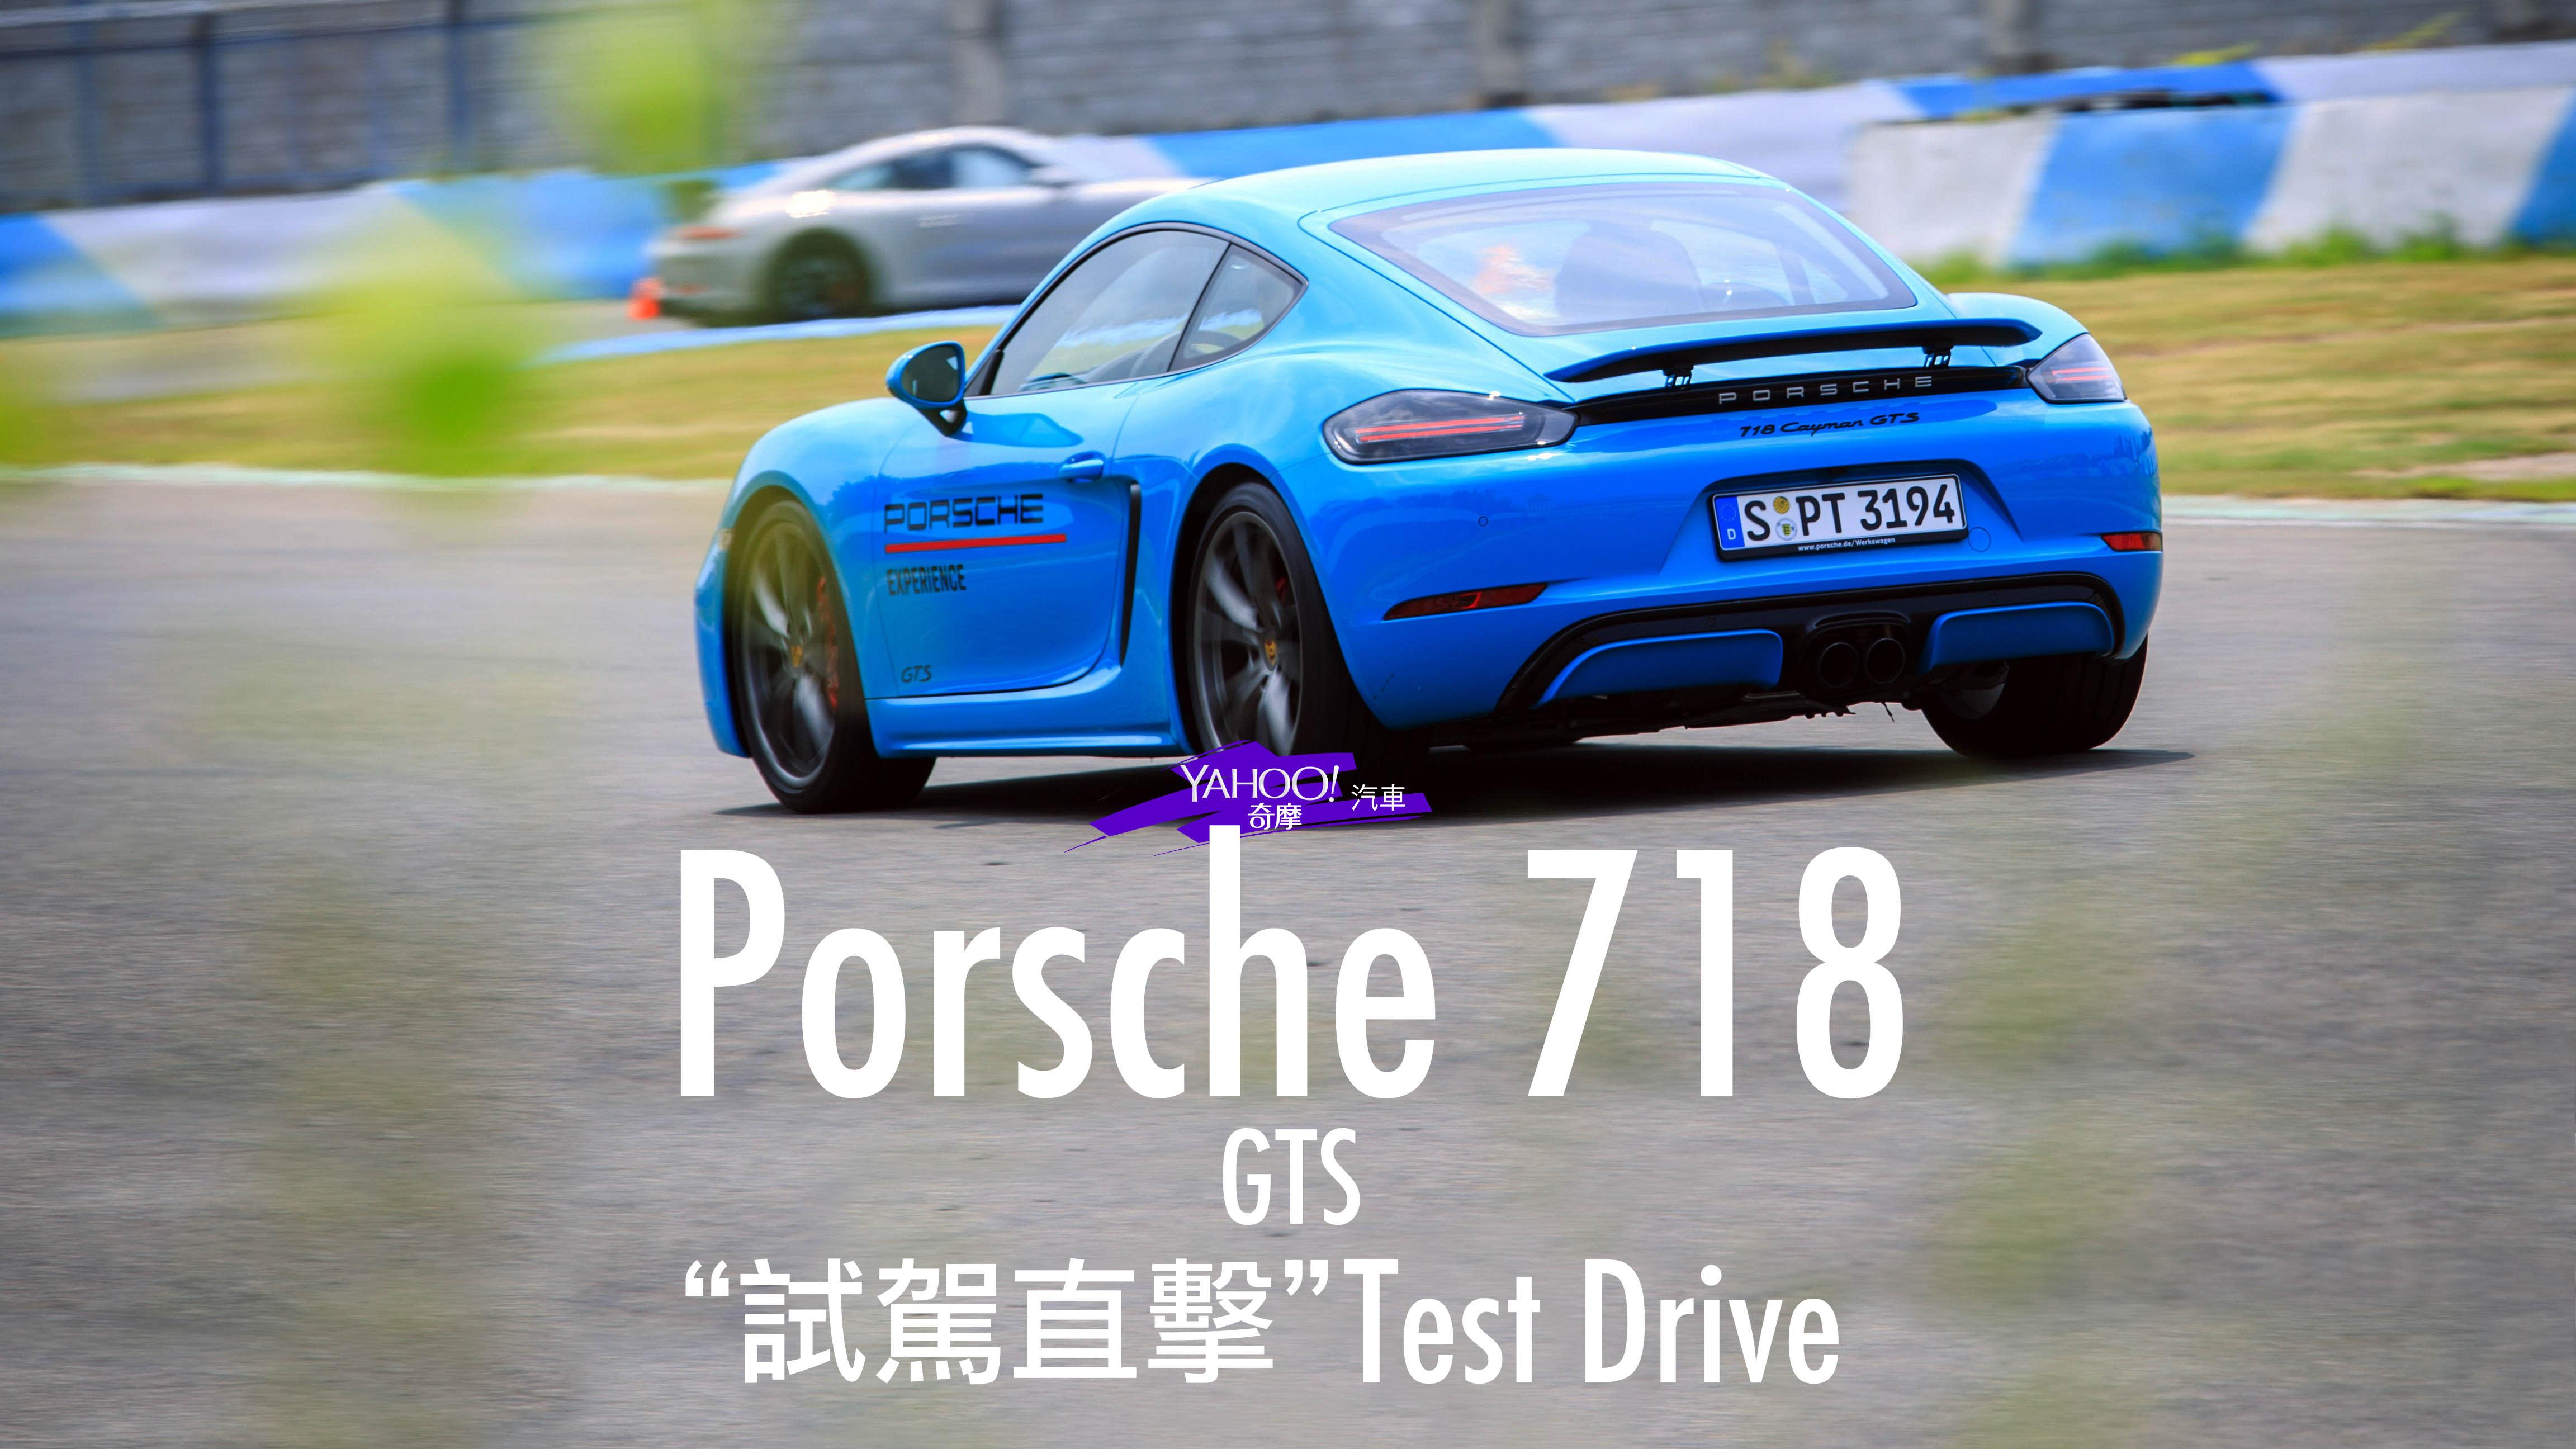 【試駕直擊】幾近完美的後中置奔馳!Porsche 718 GTS賽道輕試駕